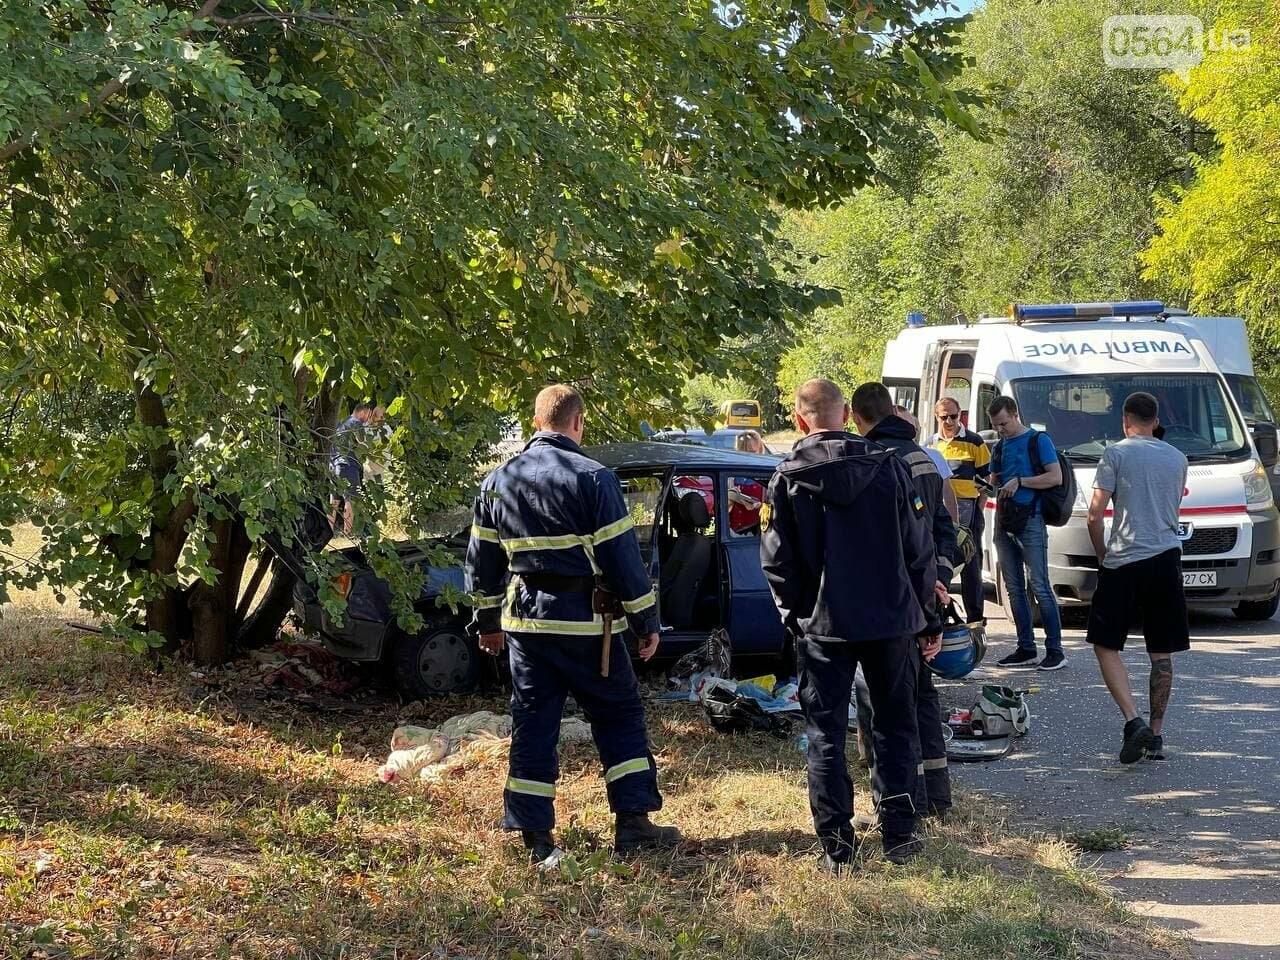 Два человека пострадали в аварии возле объездной дороги в Кривом Роге, - ФОТО, фото-6